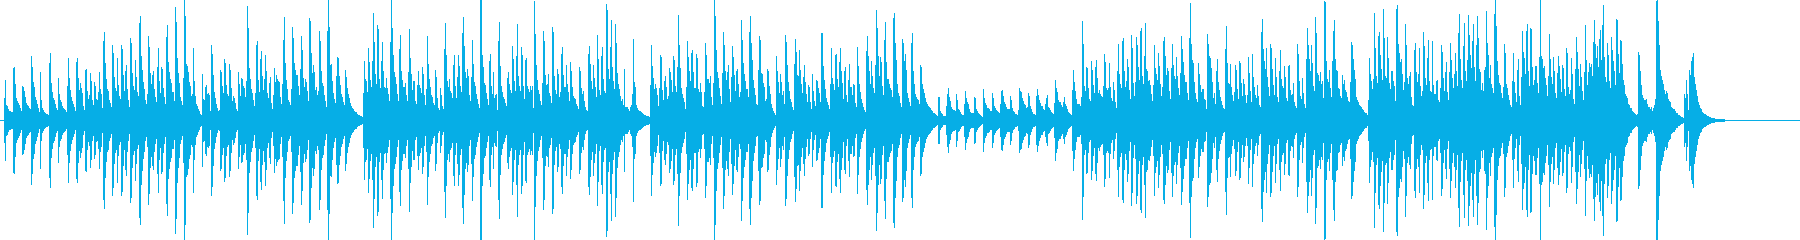 【動物動画】コミカルな雰囲気の木琴の再生済みの波形